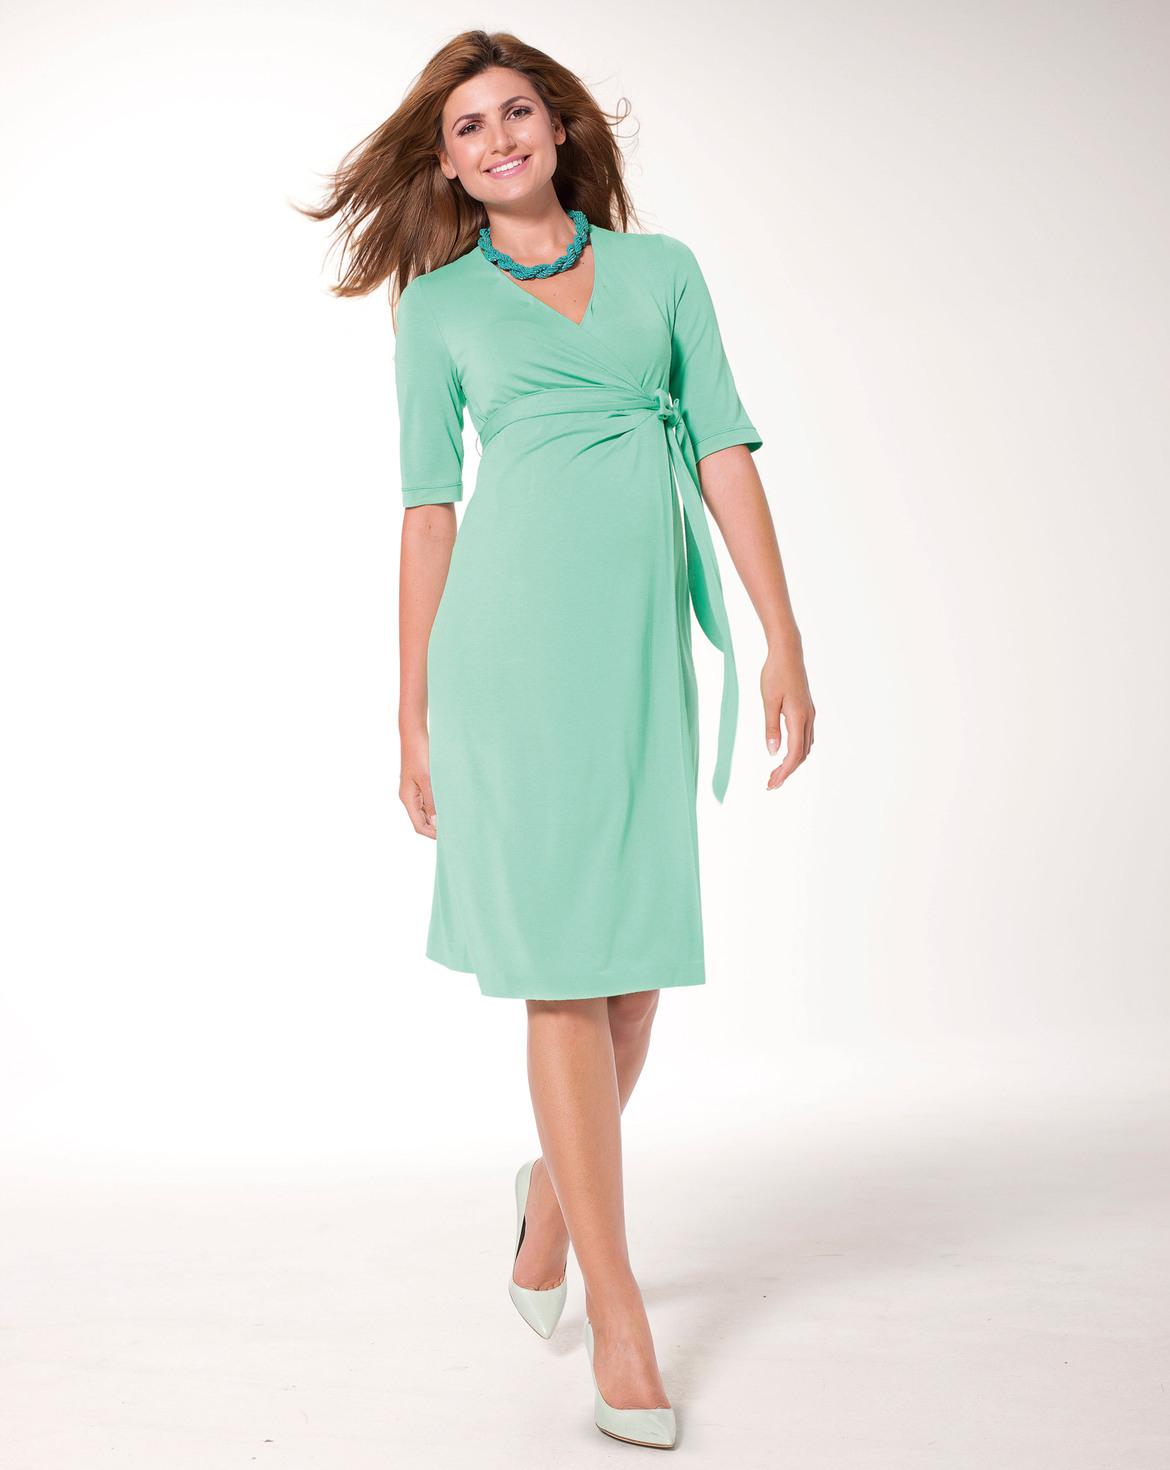 15 Wunderbar Abendkleid Umstandskleid Boutique20 Perfekt Abendkleid Umstandskleid Bester Preis